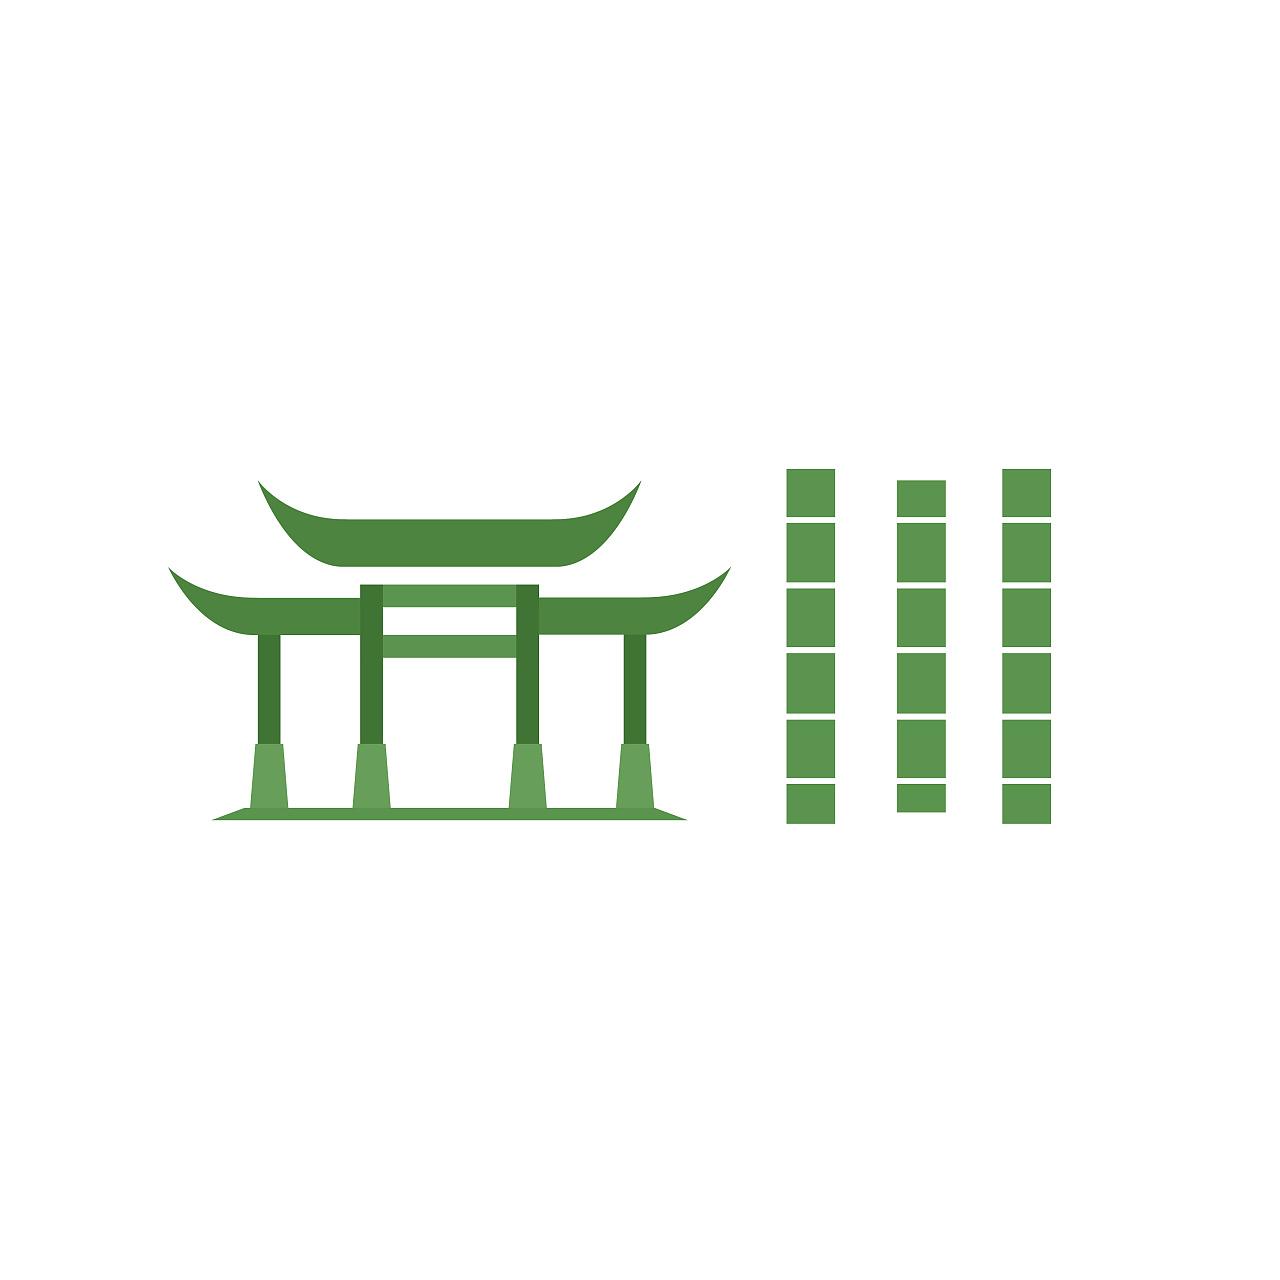 总统府和中山陵_2 7 个全国主要城市名字【字体设计】|平面|图案|ihatter - 原创作品 ...